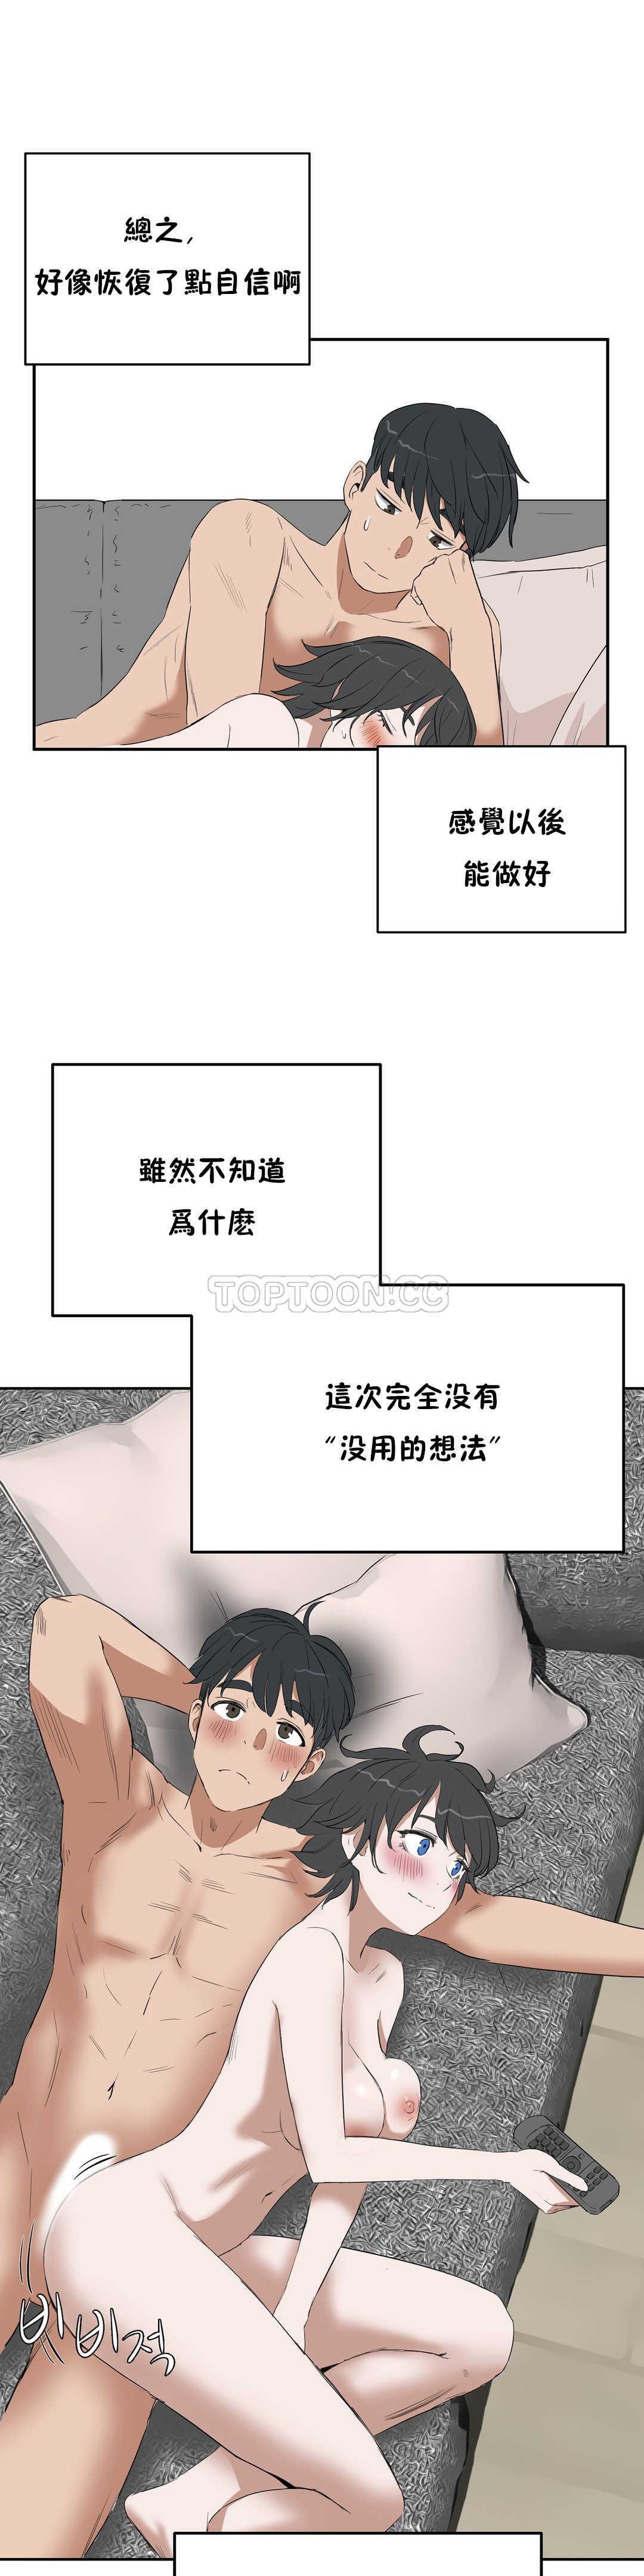 【韓漫】性教育 #12 - 情色卡漫 -